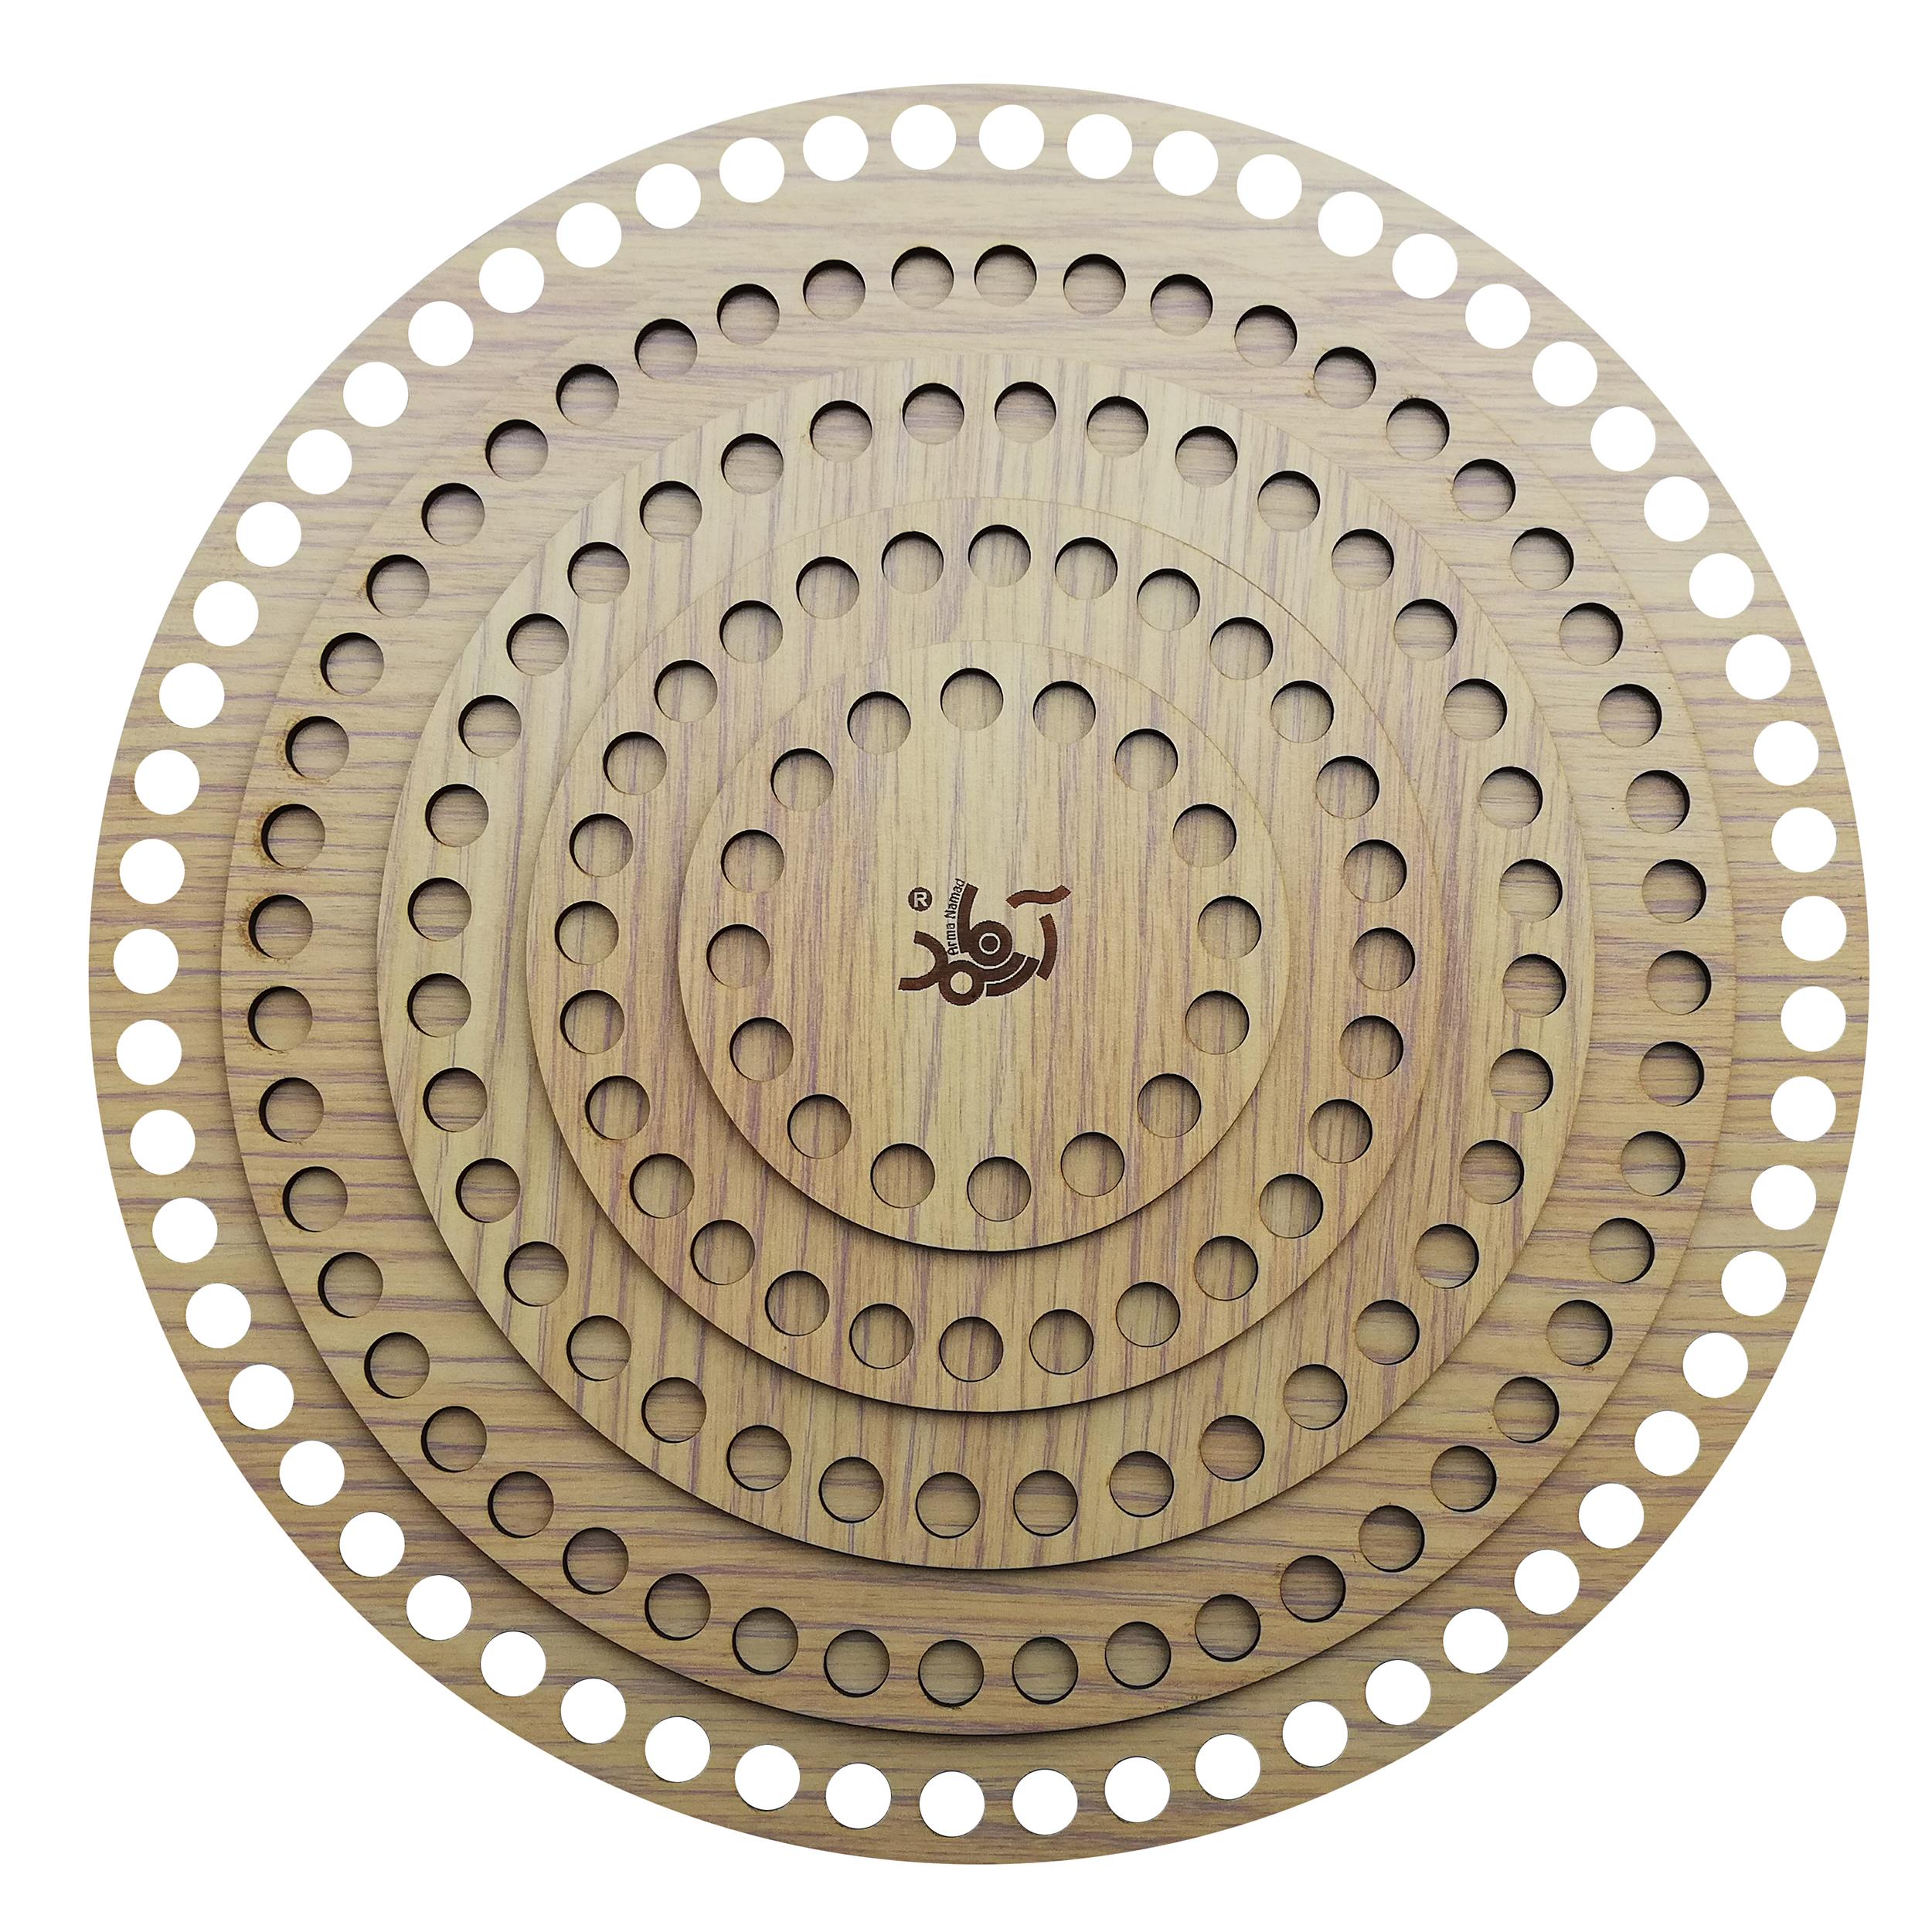 کفی تریکو بافی آرمانمد مدل دایره کد C55 بسته 5 عددی